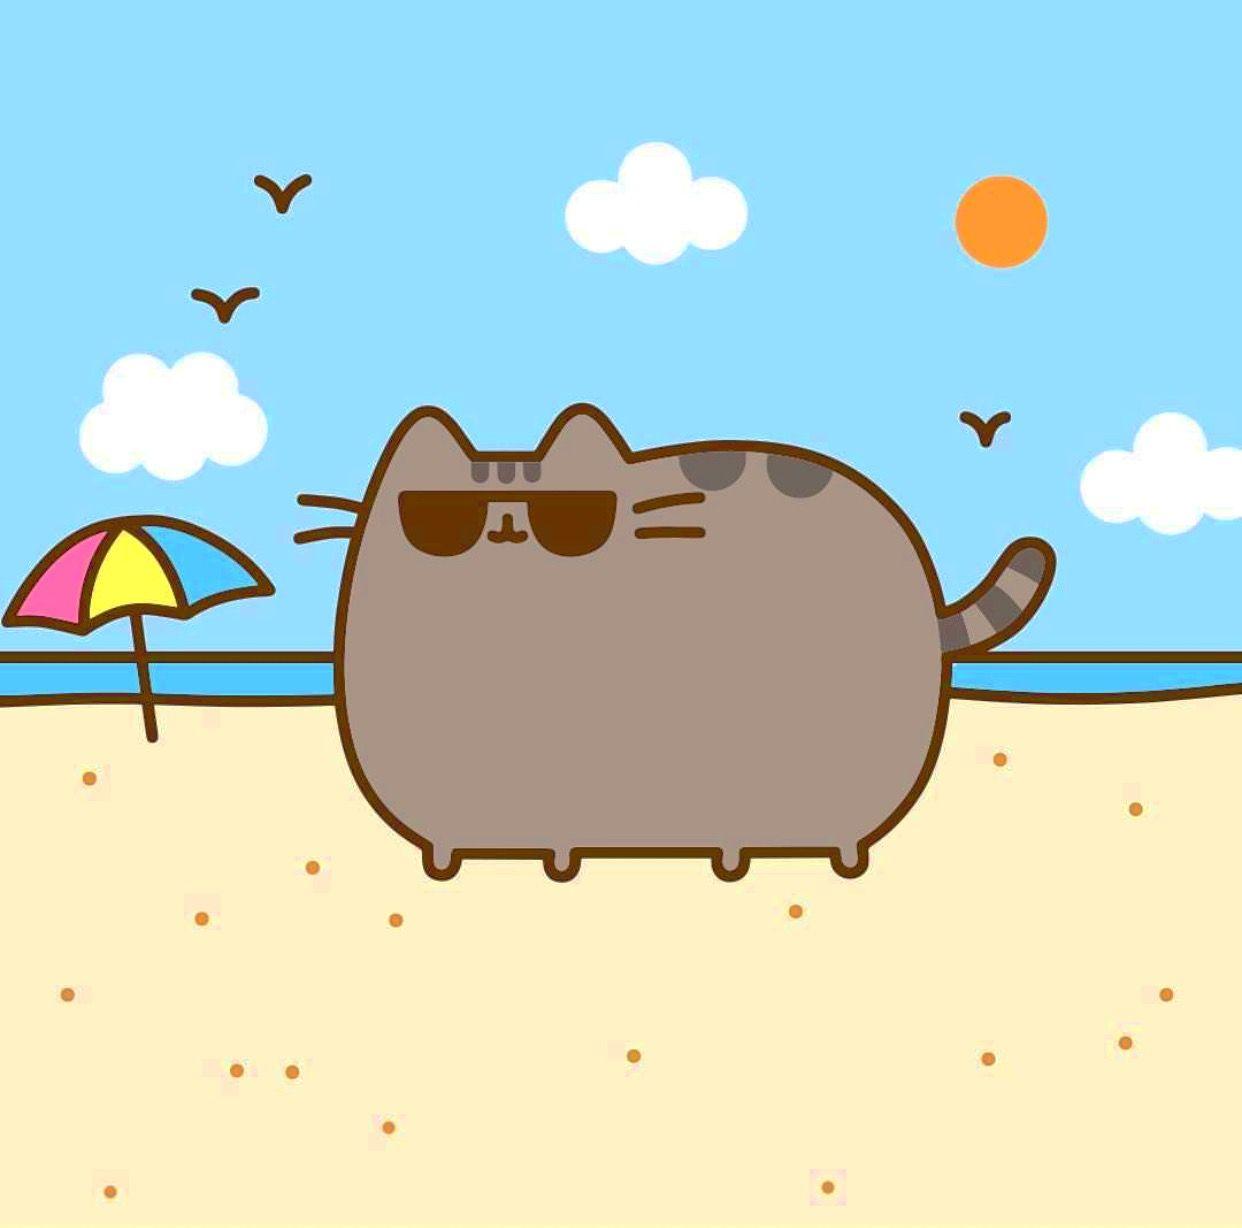 Pusheen beach Pusheen, the Adorable Bouncy Cat